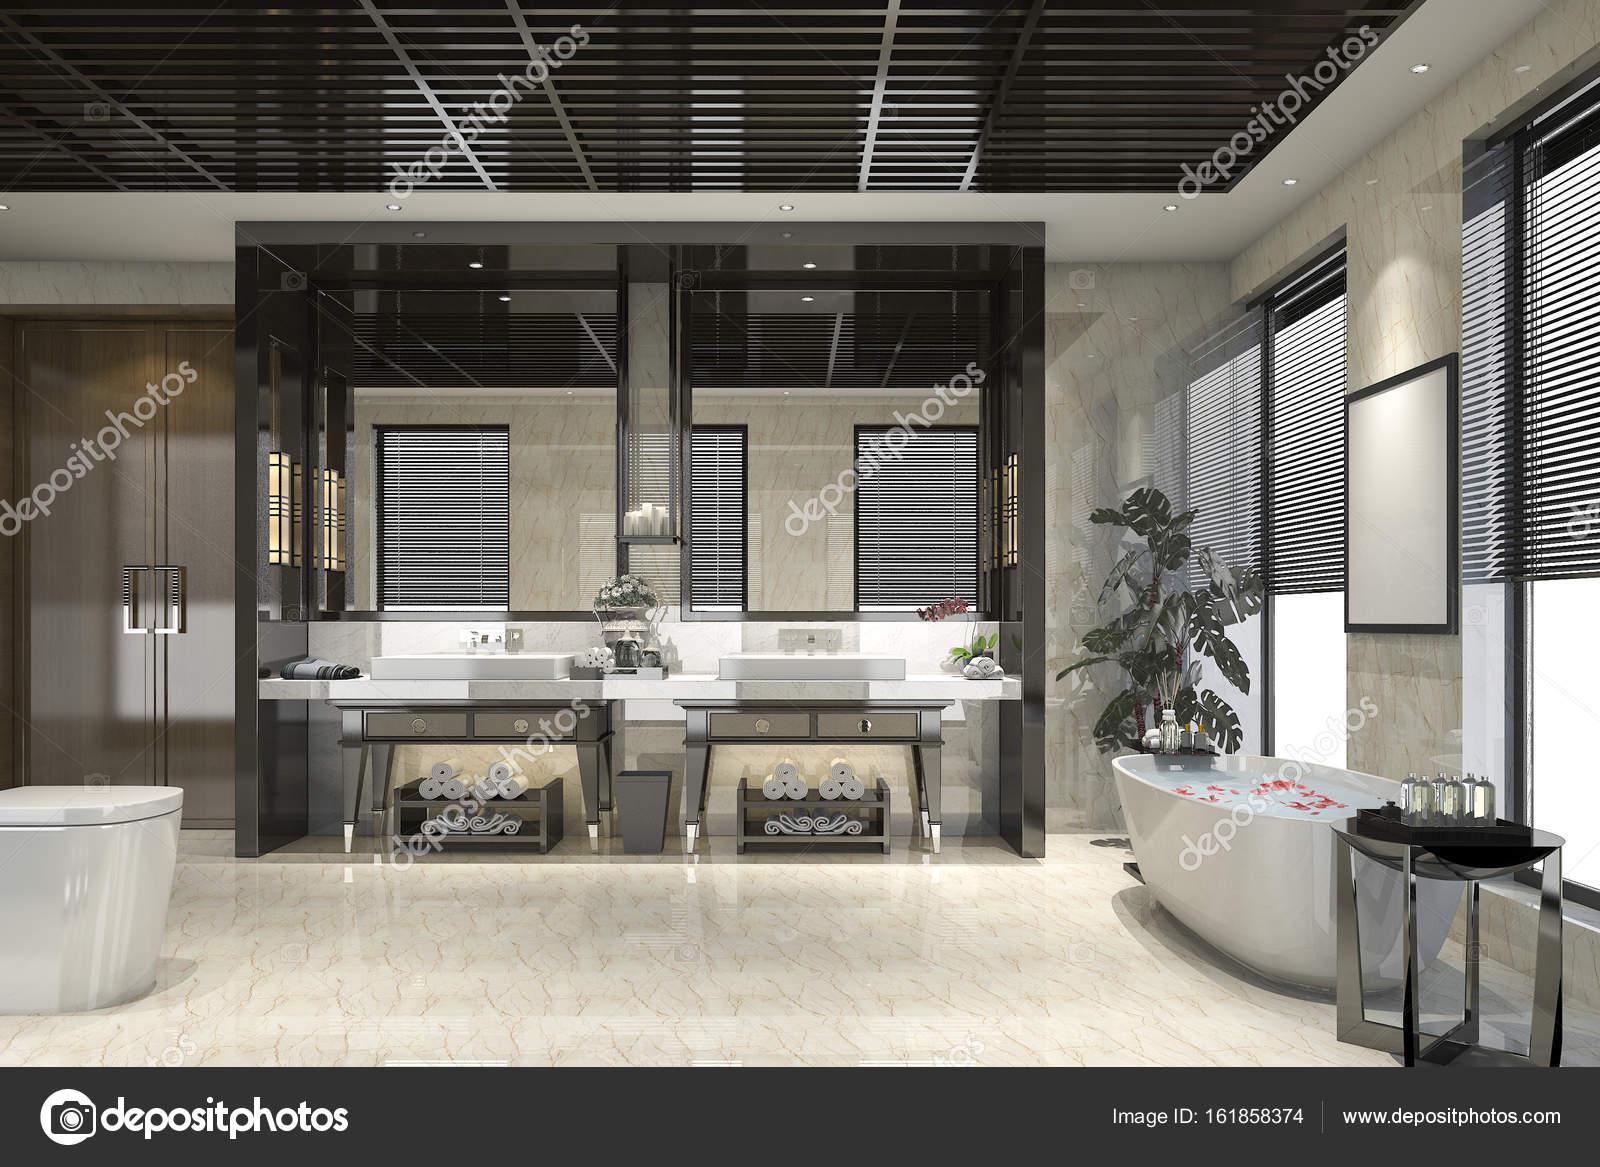 Stanza da bagno moderno loft di rendering 3d con lusso piastrelle